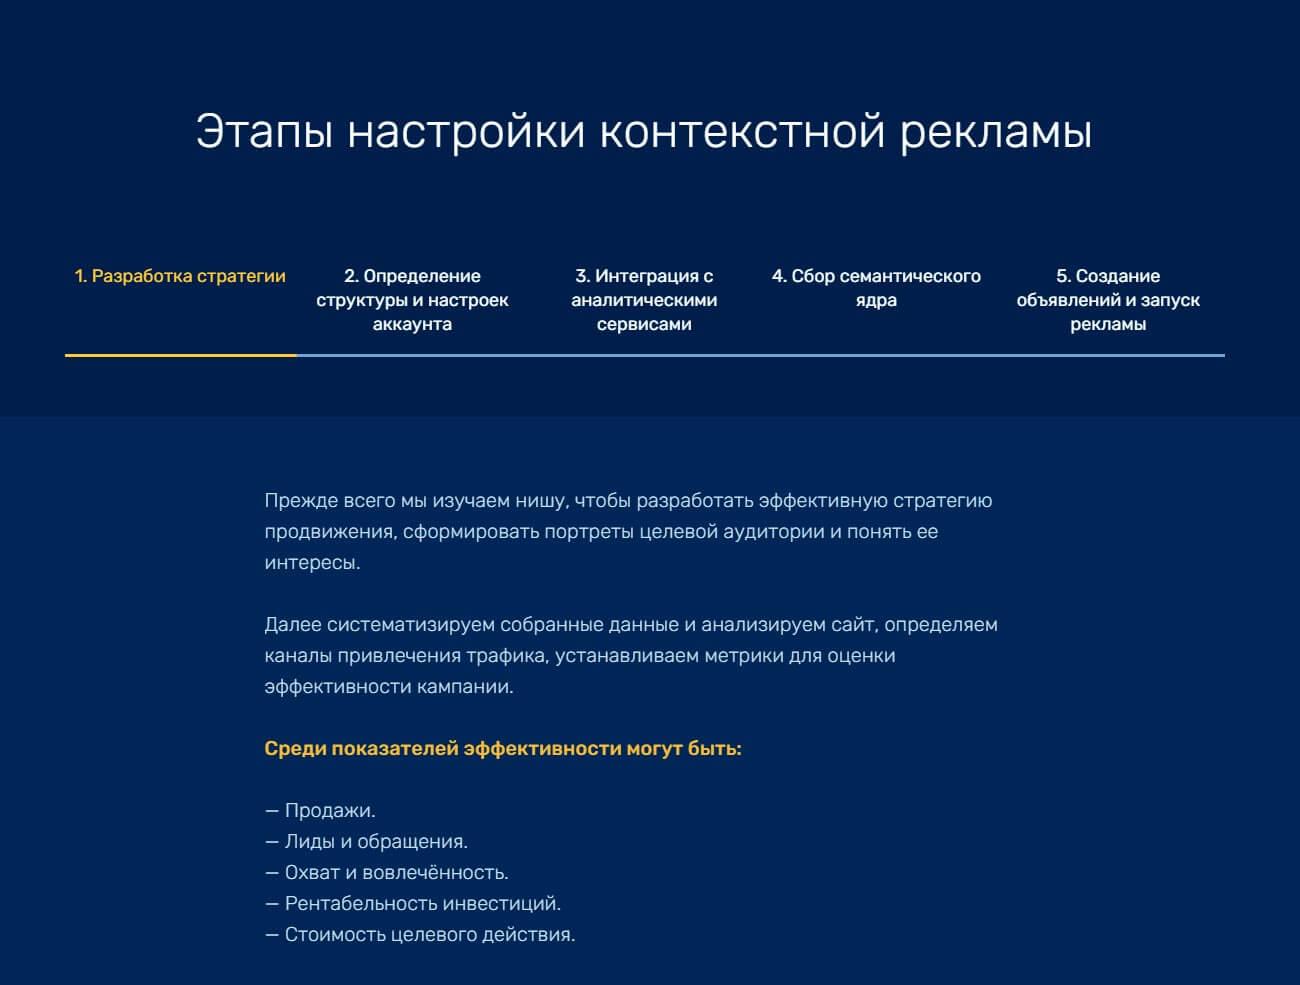 Webline Promotion - обзор компании, услуги, отзывы, клиенты, Фото № 2 - google-seo.pro